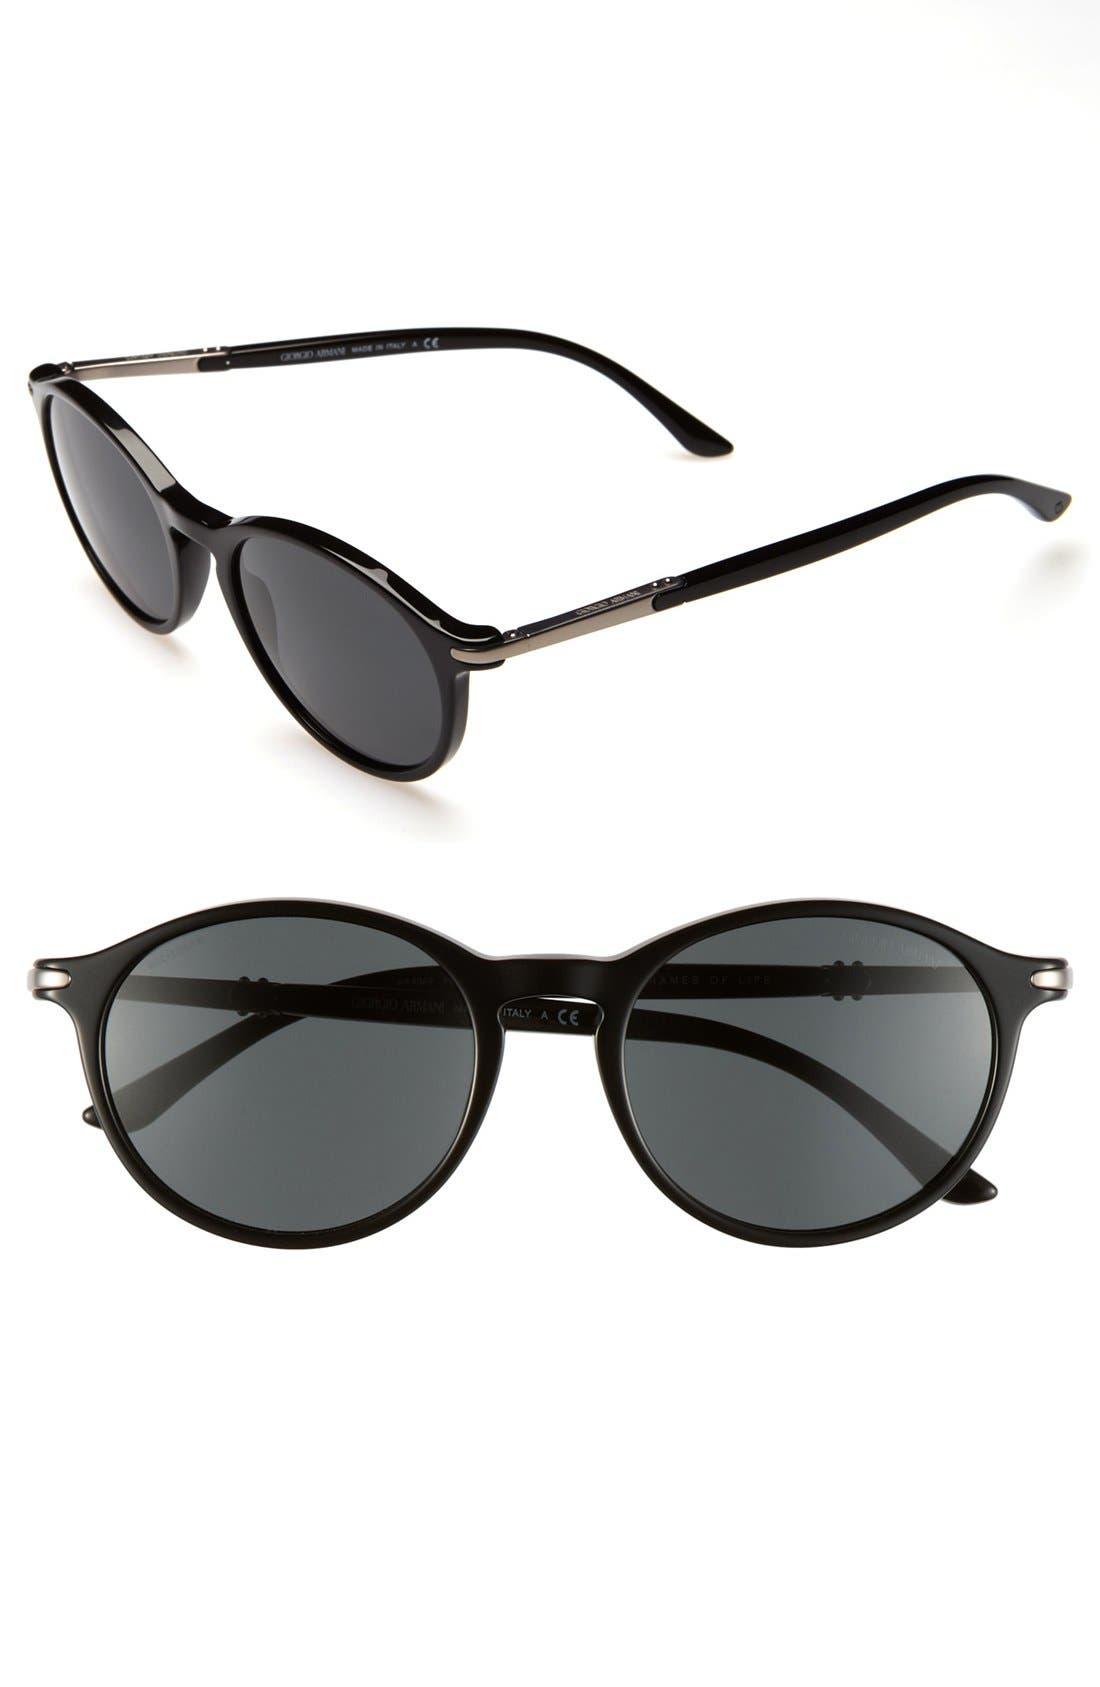 Main Image - Giorgio Armani 52mm Sunglasses